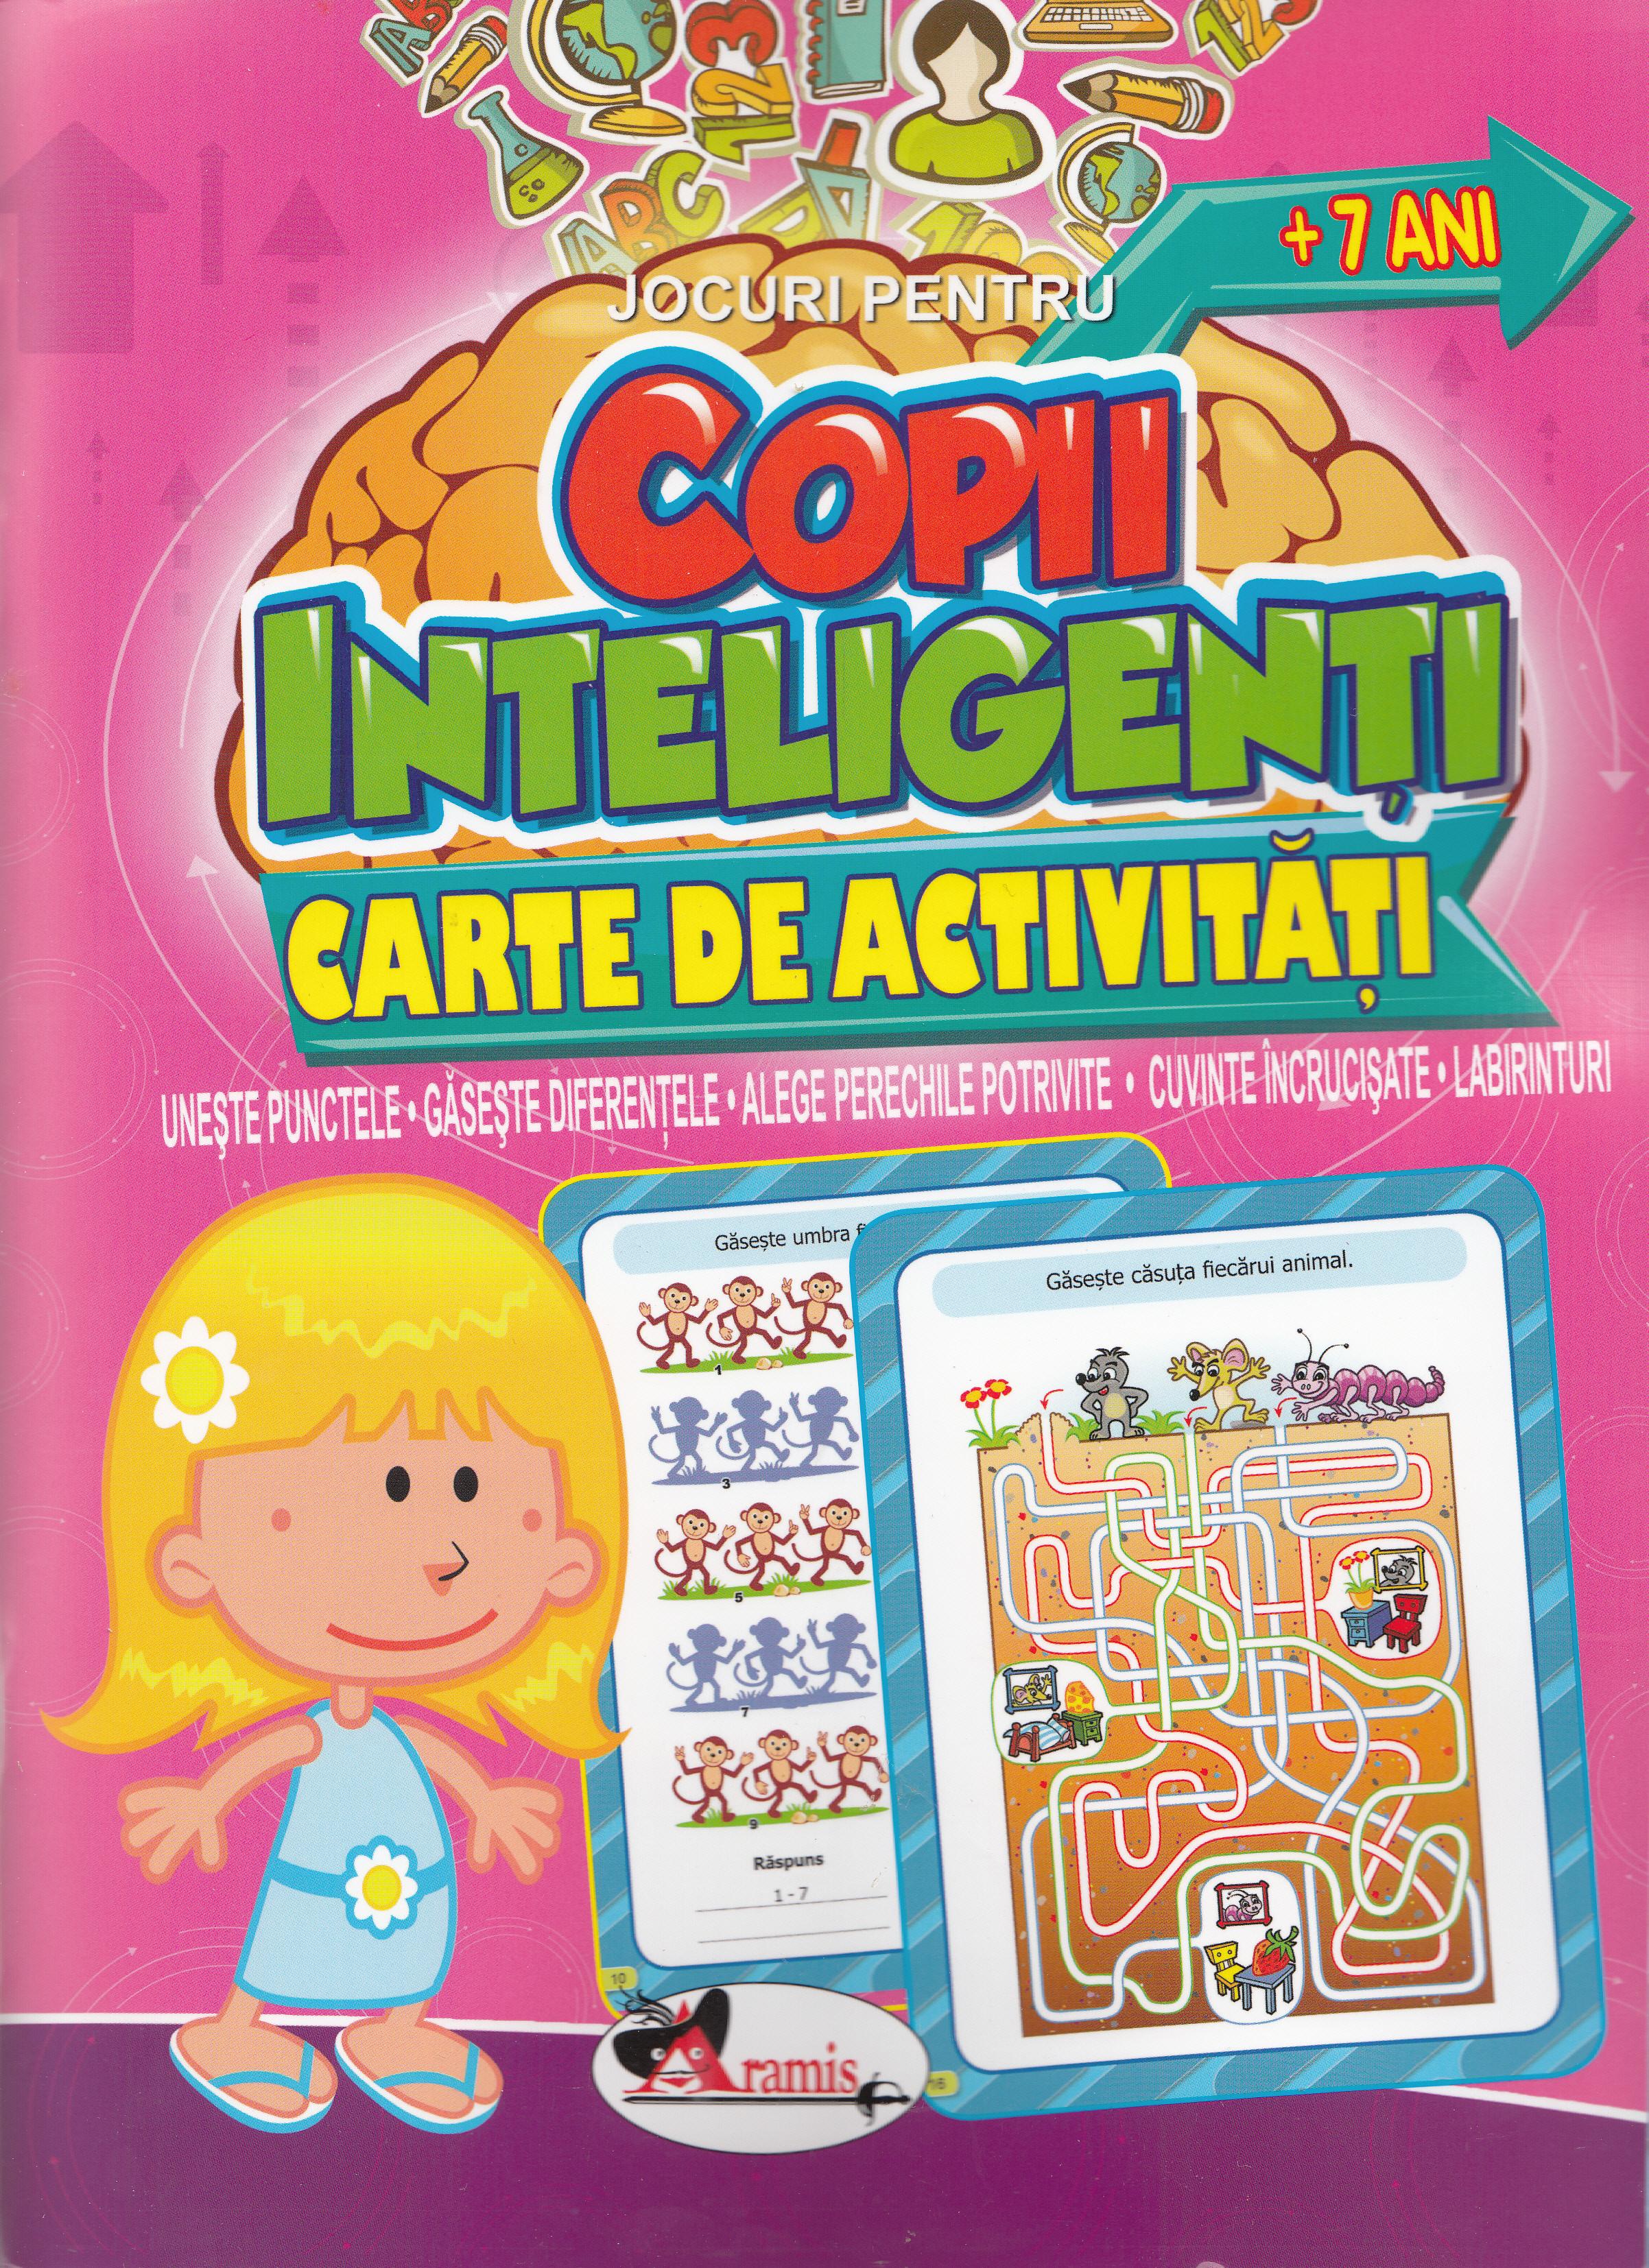 Jocuri pentru copii inteligenti. Carte de activitati